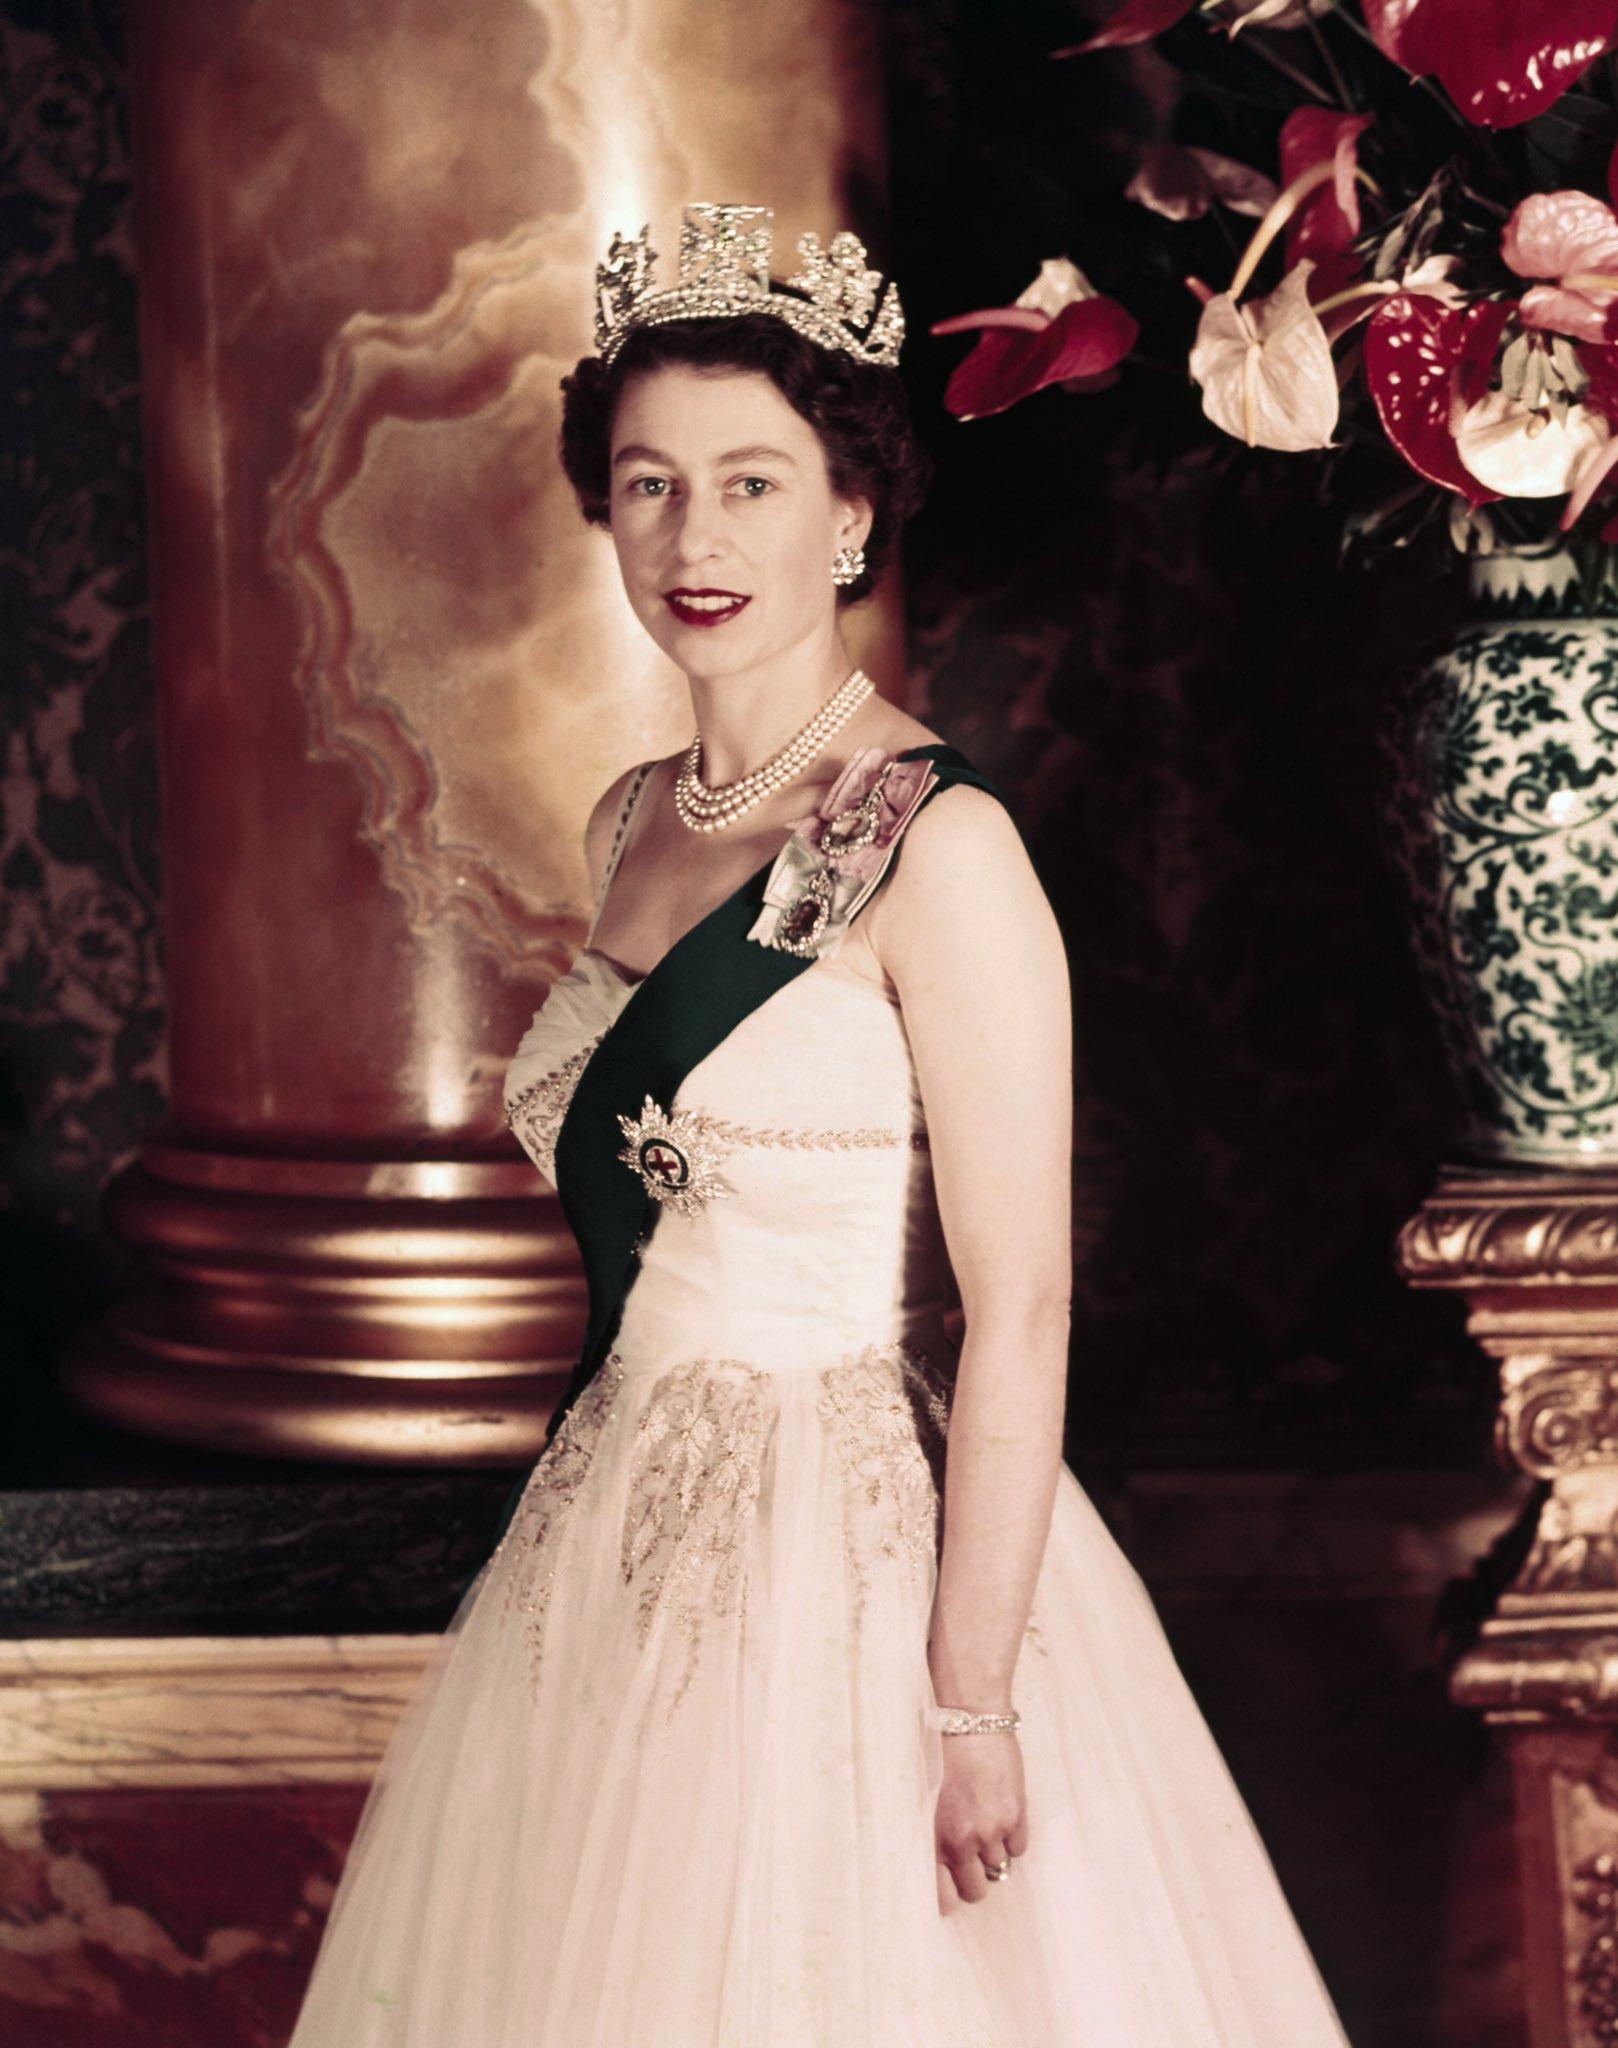 продажа монтаж королева великобритании елизавета фото молодость наряжаться пиратами, русалками